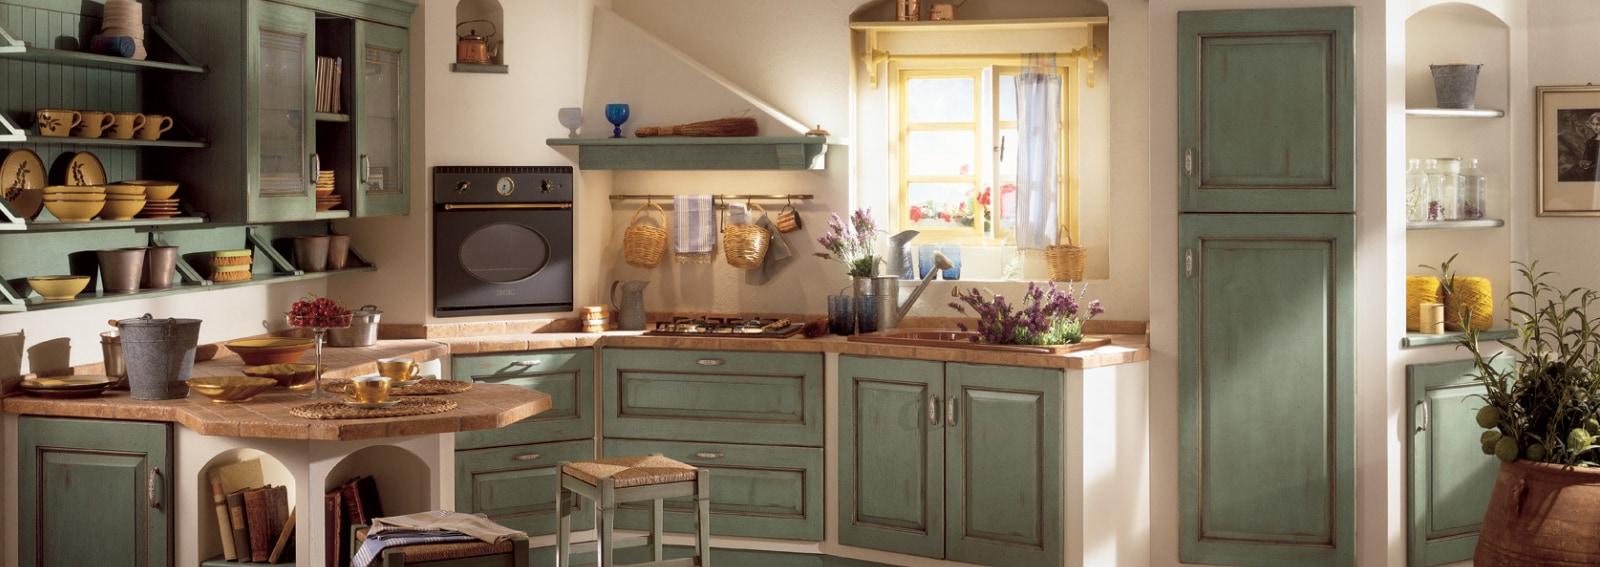 Cucine in muratura_Desktop